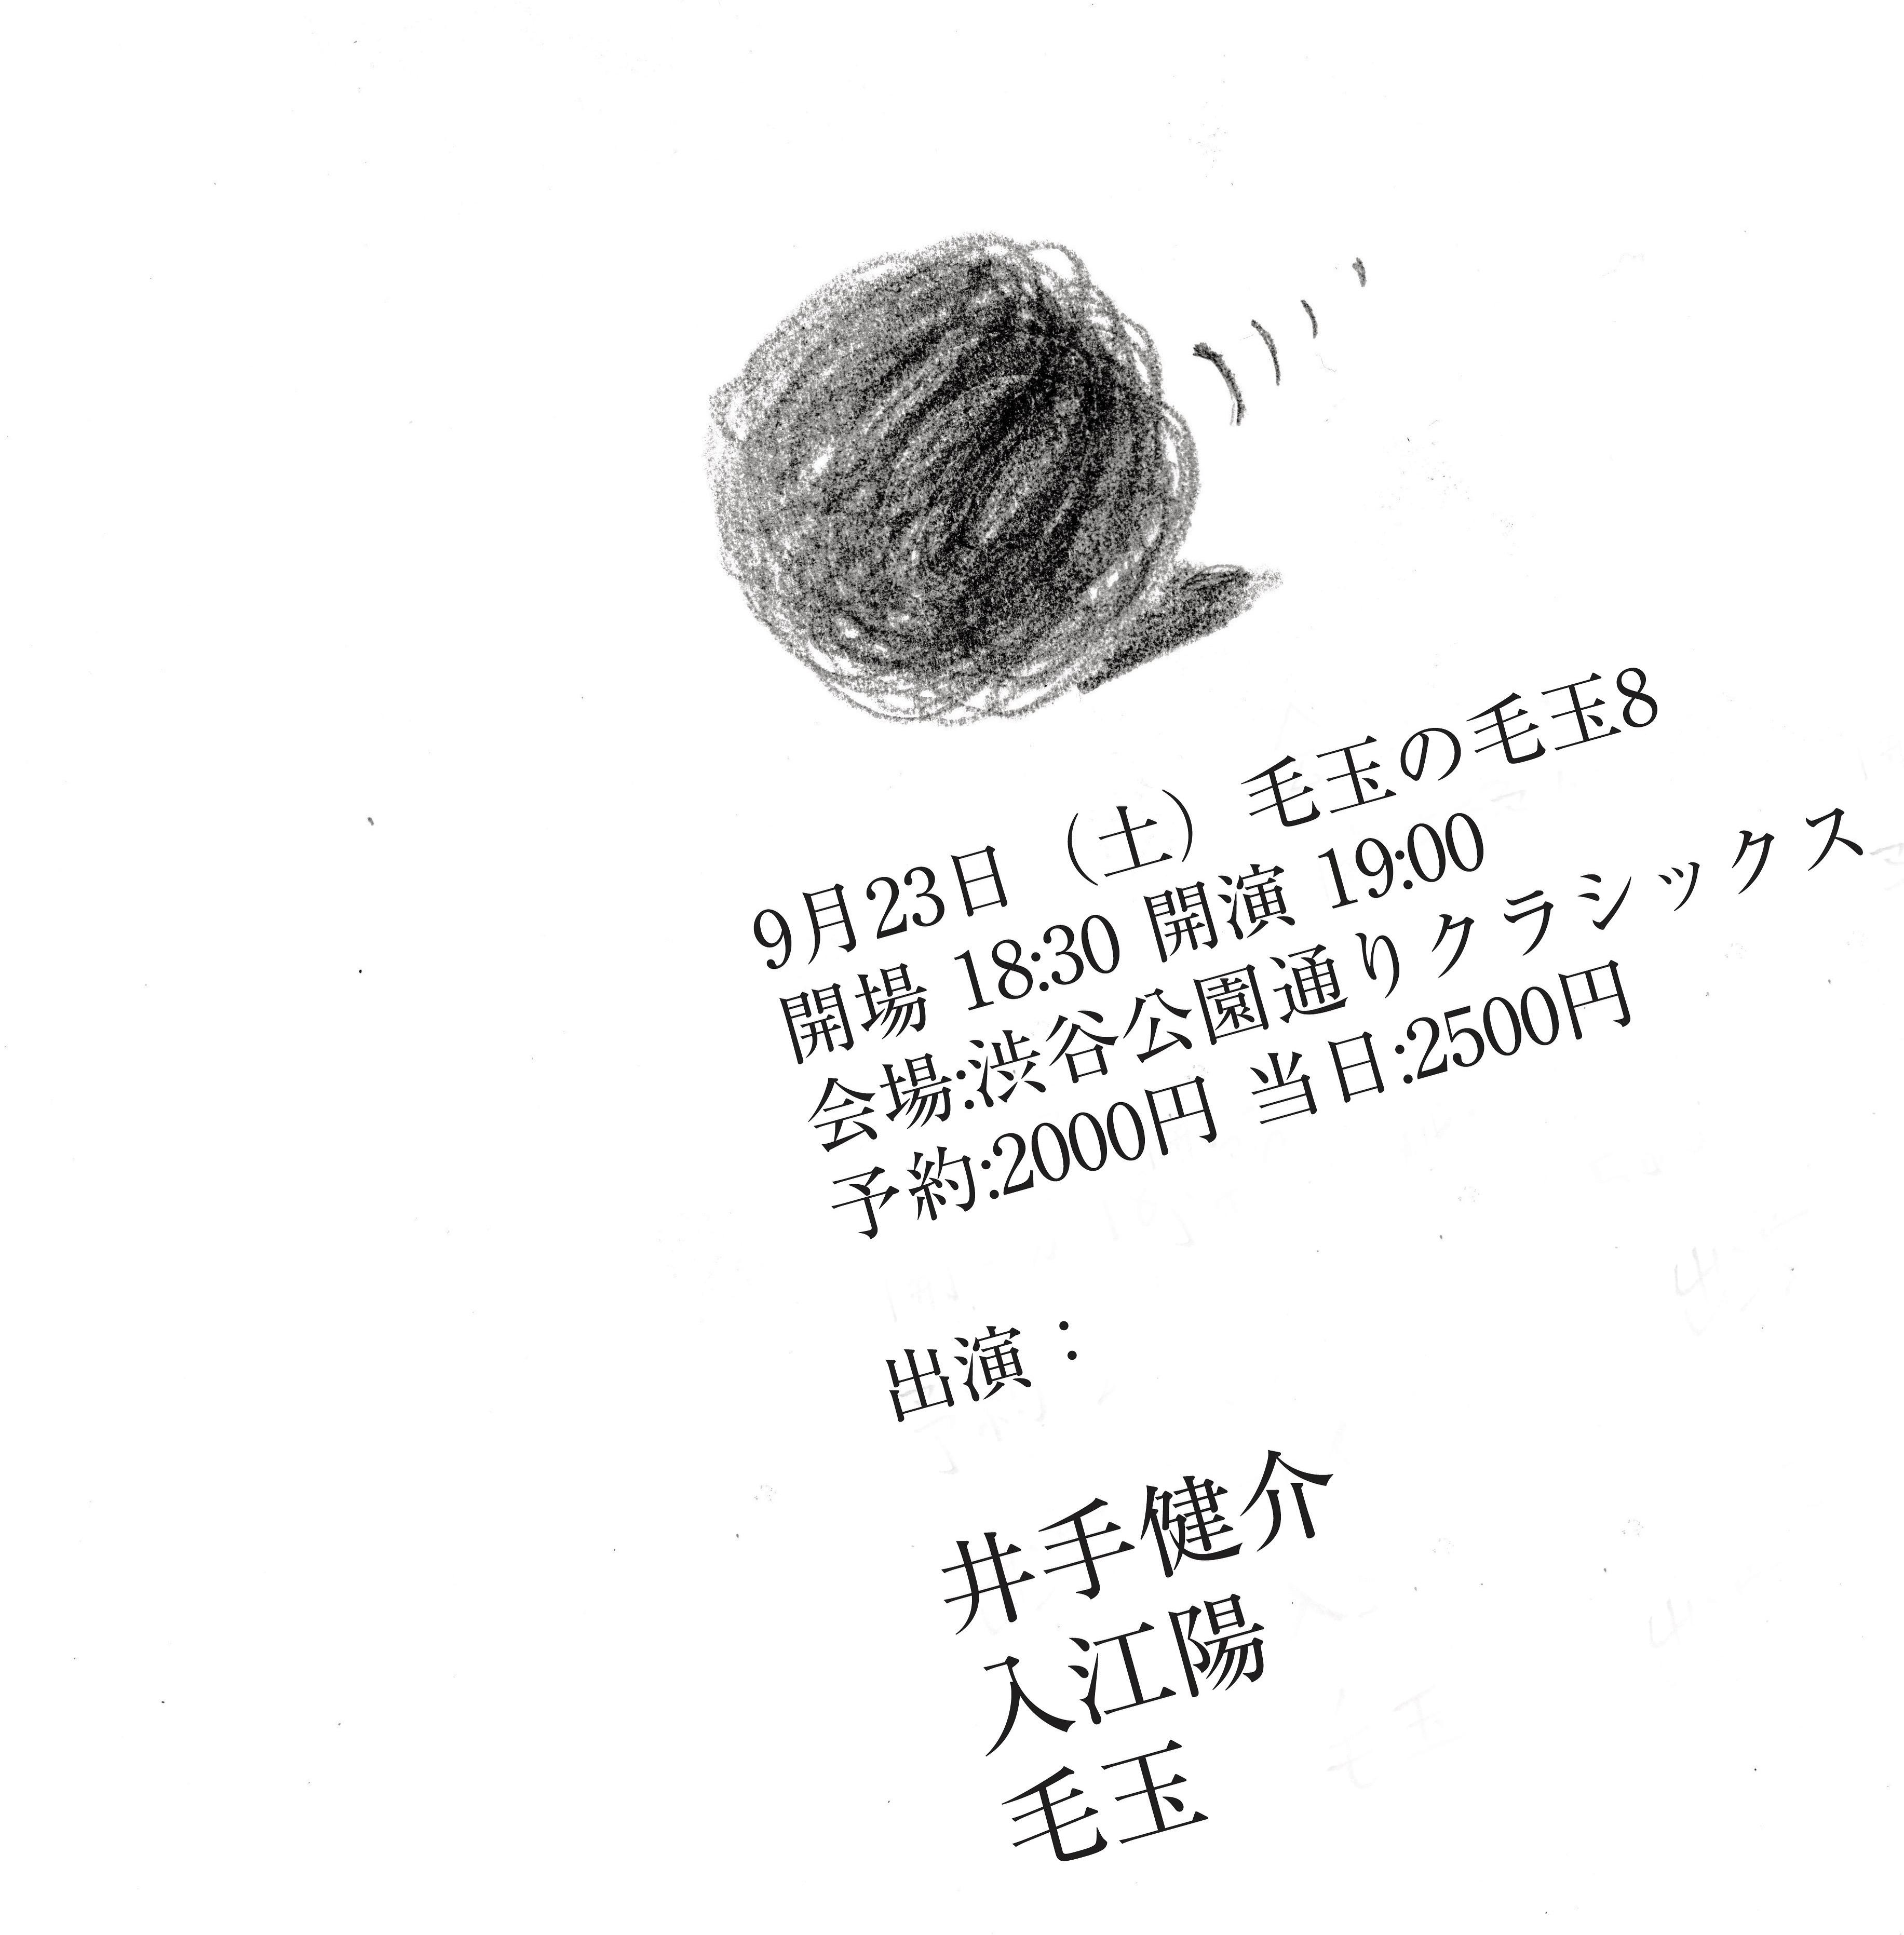 毛玉の毛玉8